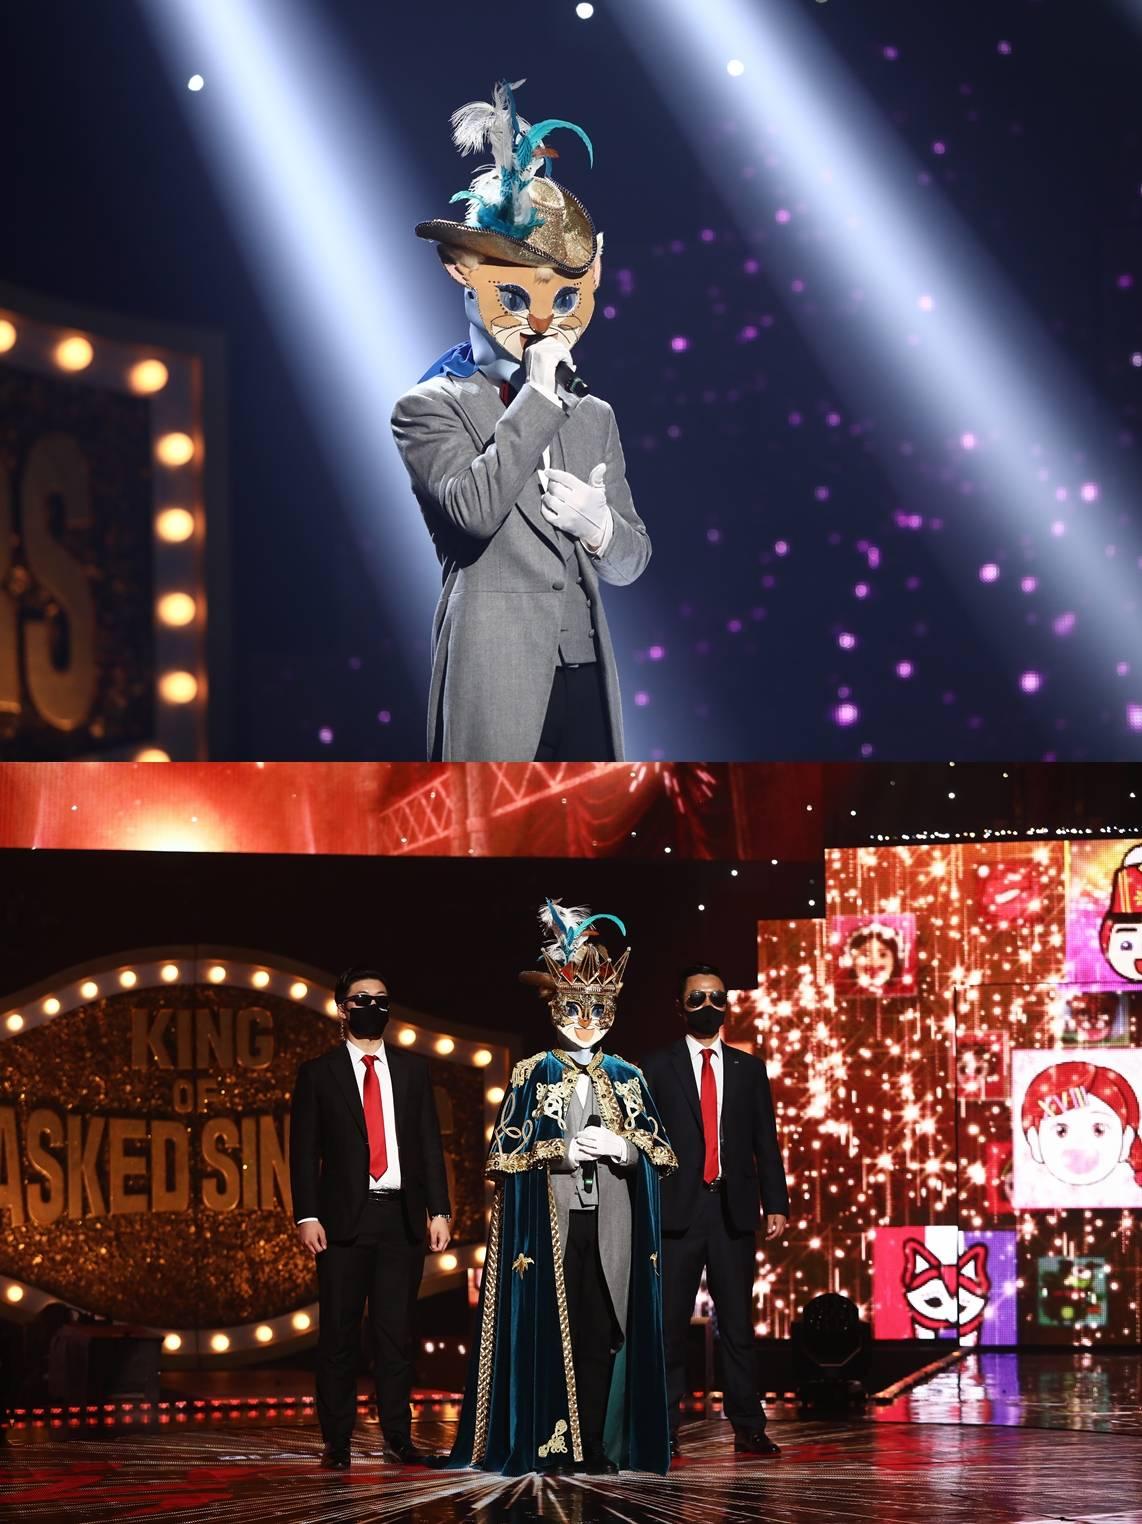 '복면가왕' 가왕 '부뚜막 고양이'의 3연승 도전 선곡은 '스포트라이트'... 판정단 '눈물' | 인스티즈